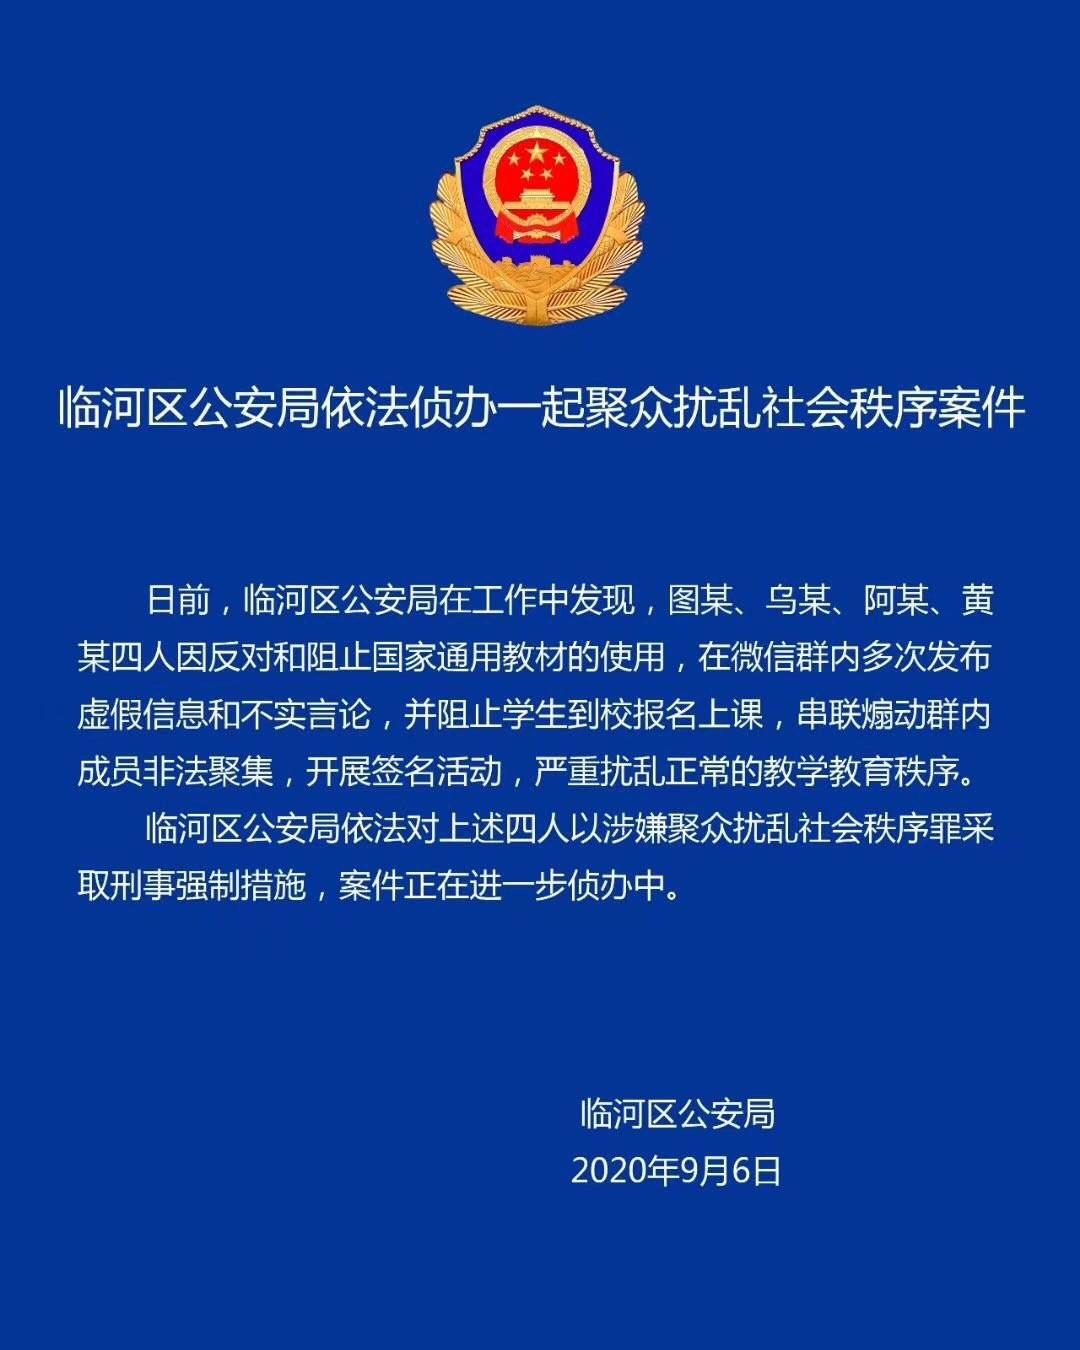 巴彦淖尔市临河区公安局拘捕通告。(网络图片/乔龙提供)